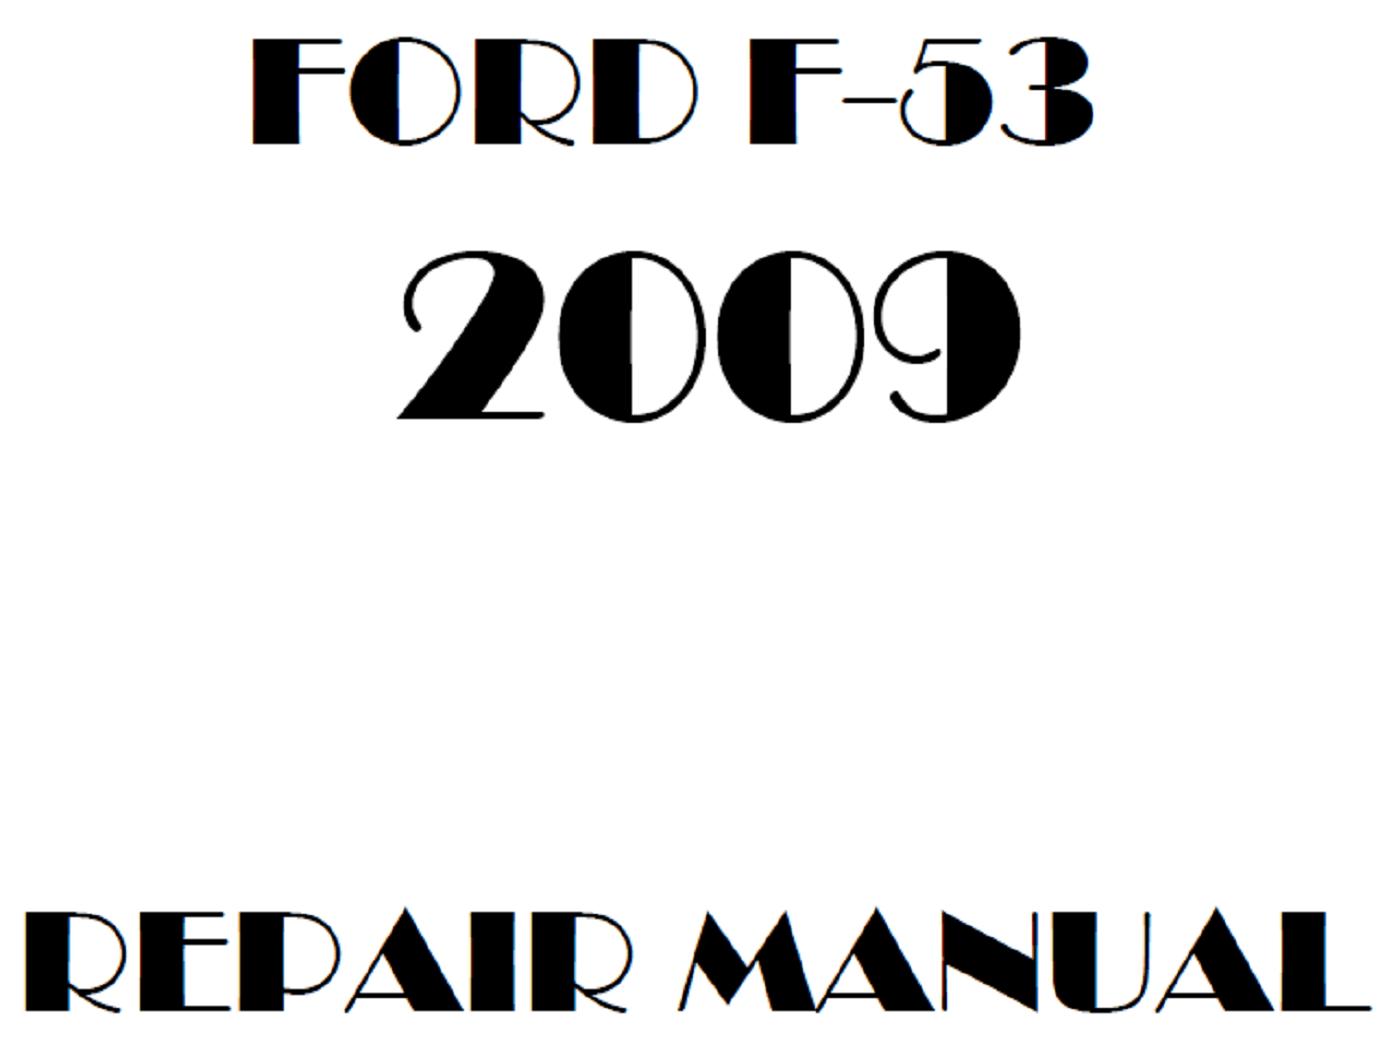 2009 Ford F53 repair manual